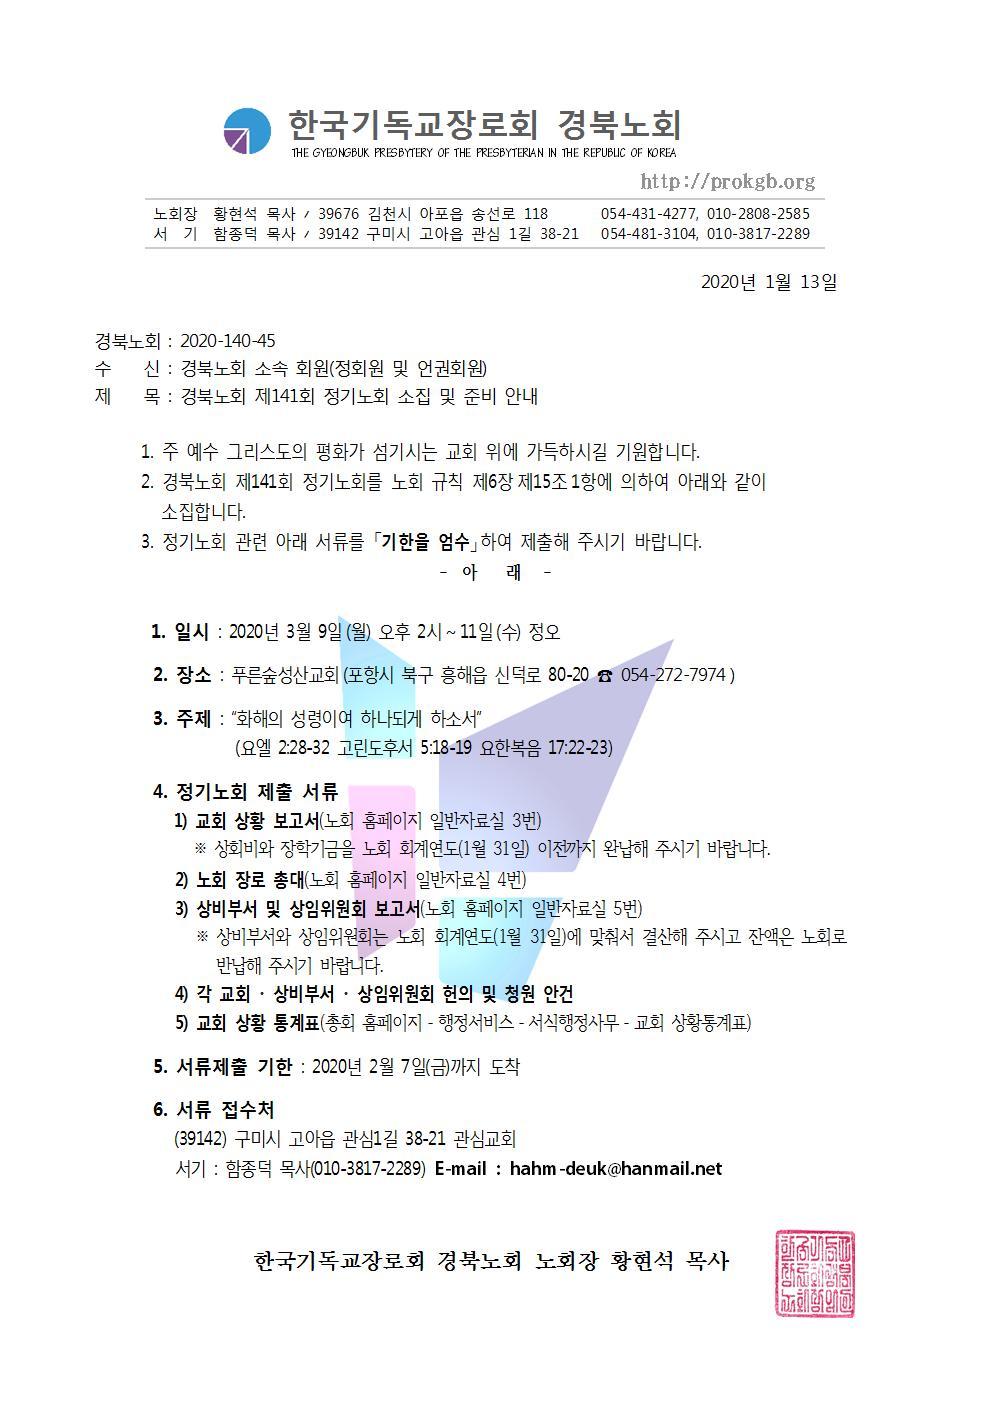 경북노회 제141회 정기노회 소집공문001.jpg